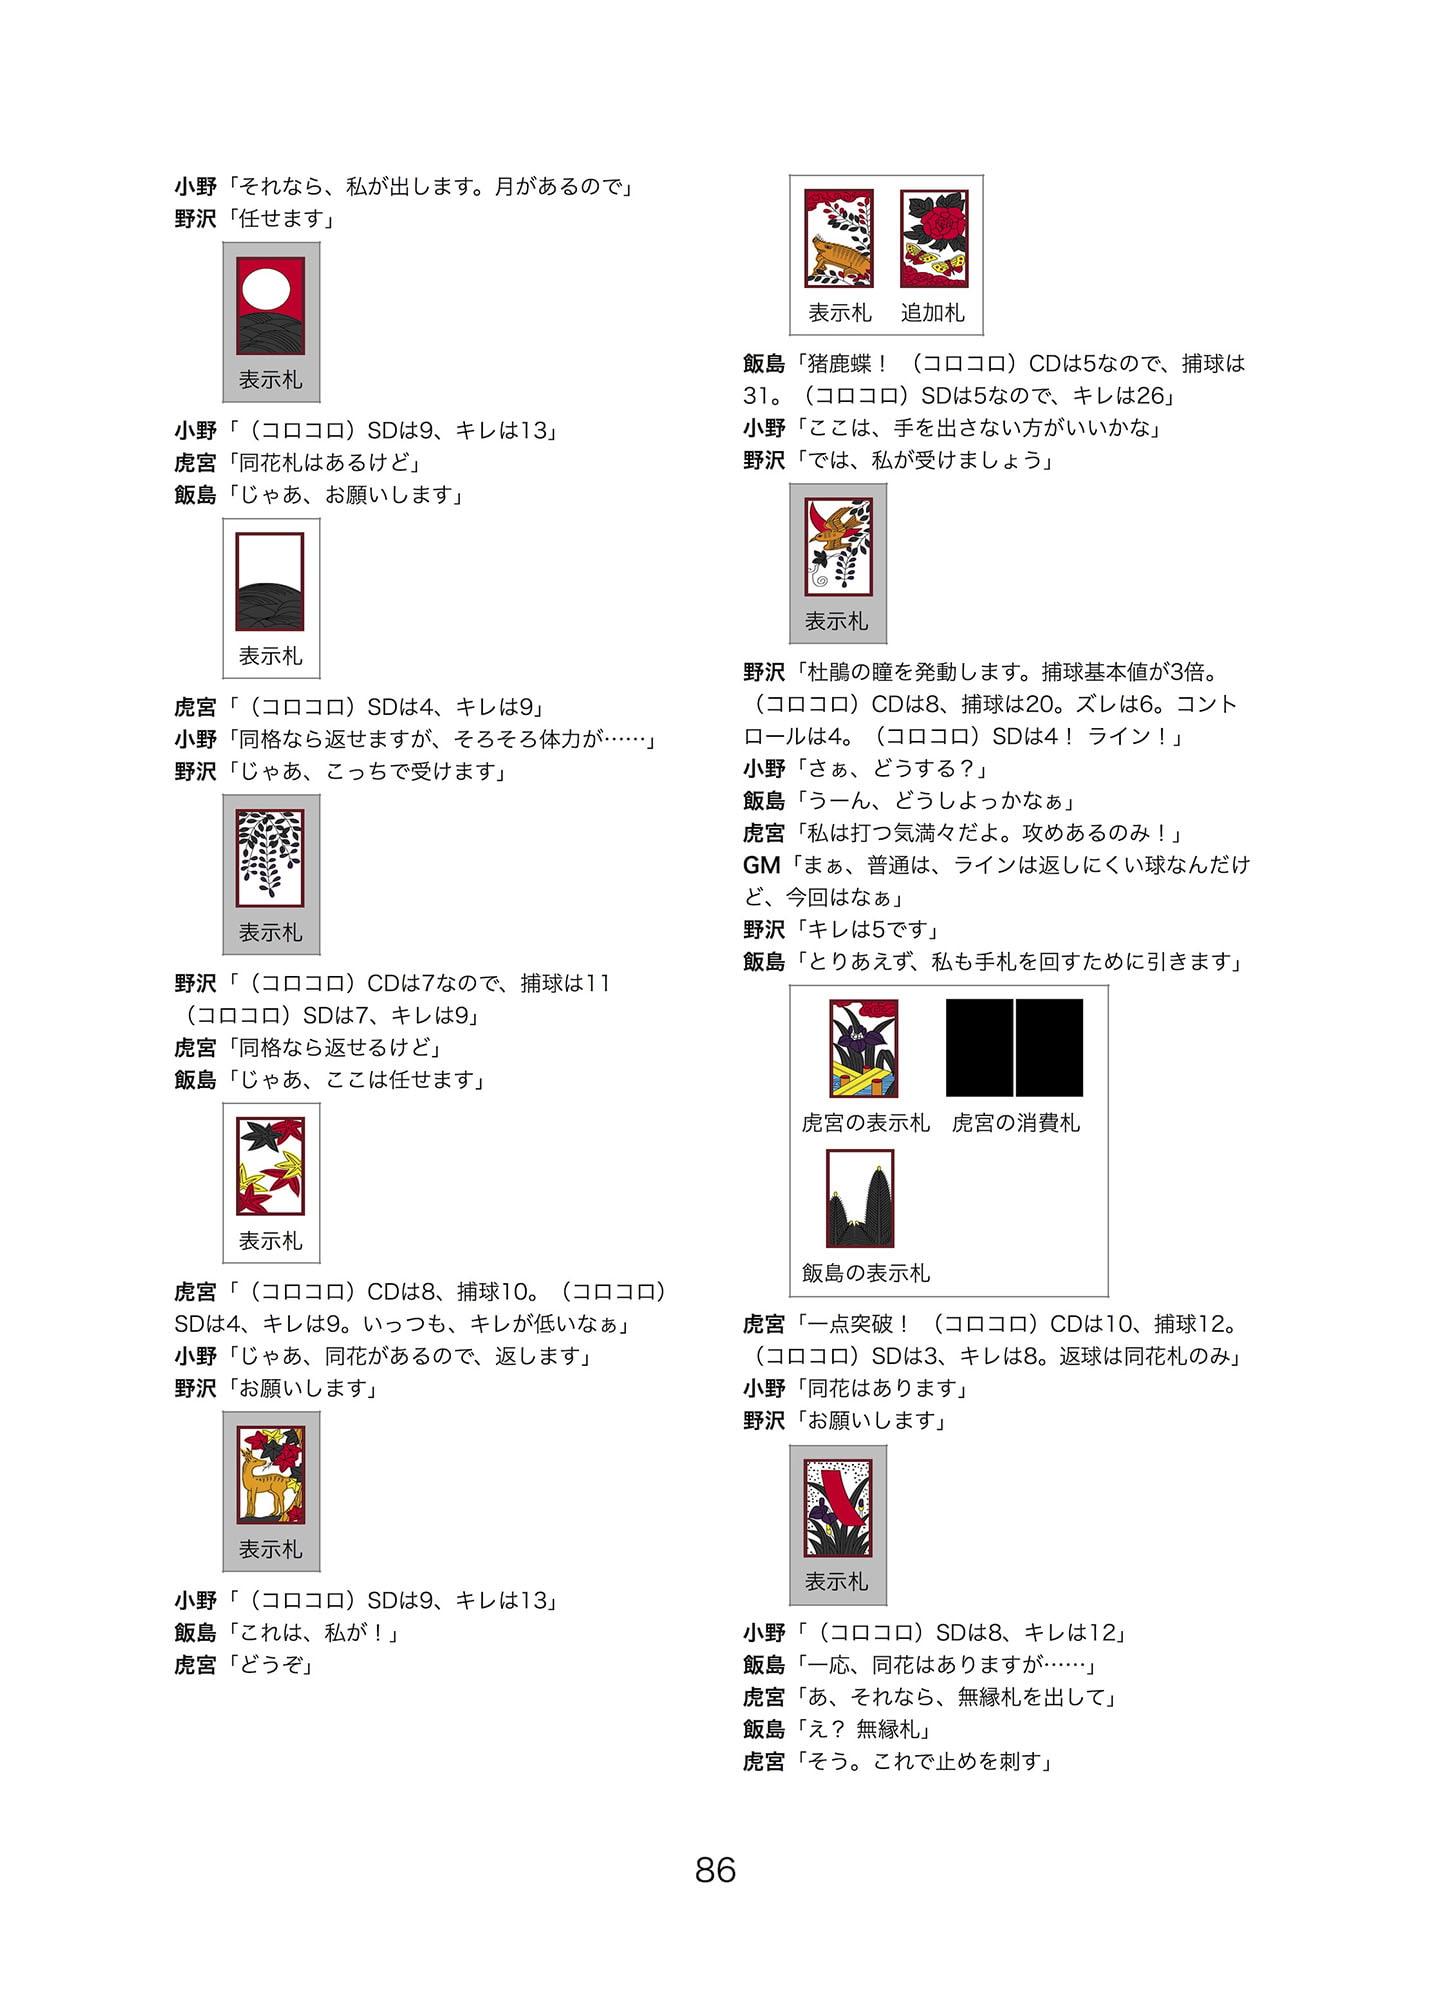 ホトトギス(『花吹雪!』シナリオ&リプレイ集)